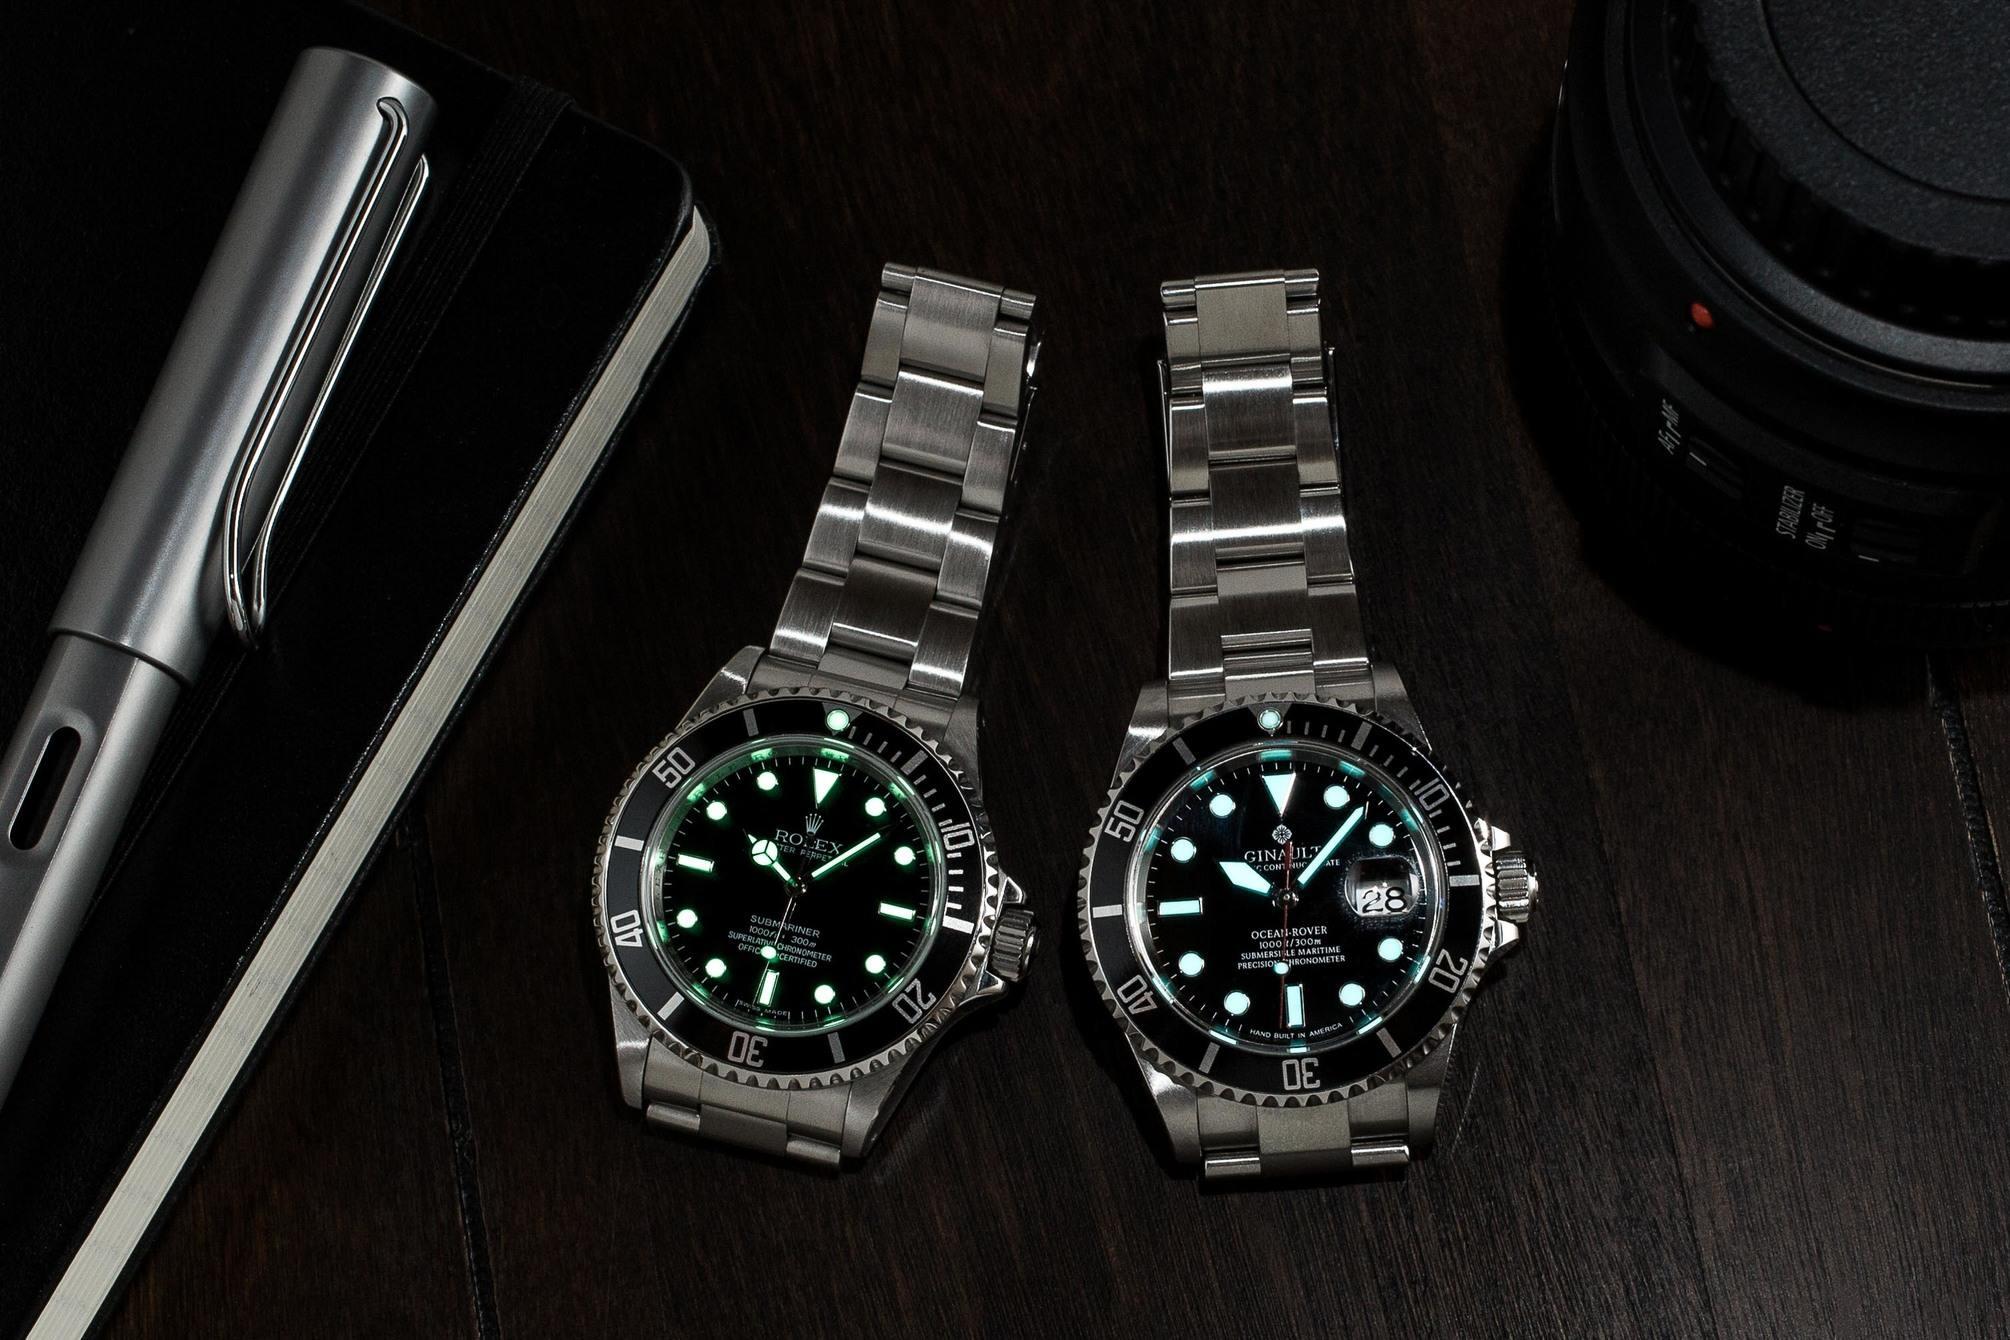 Ginault vs Rolex lume